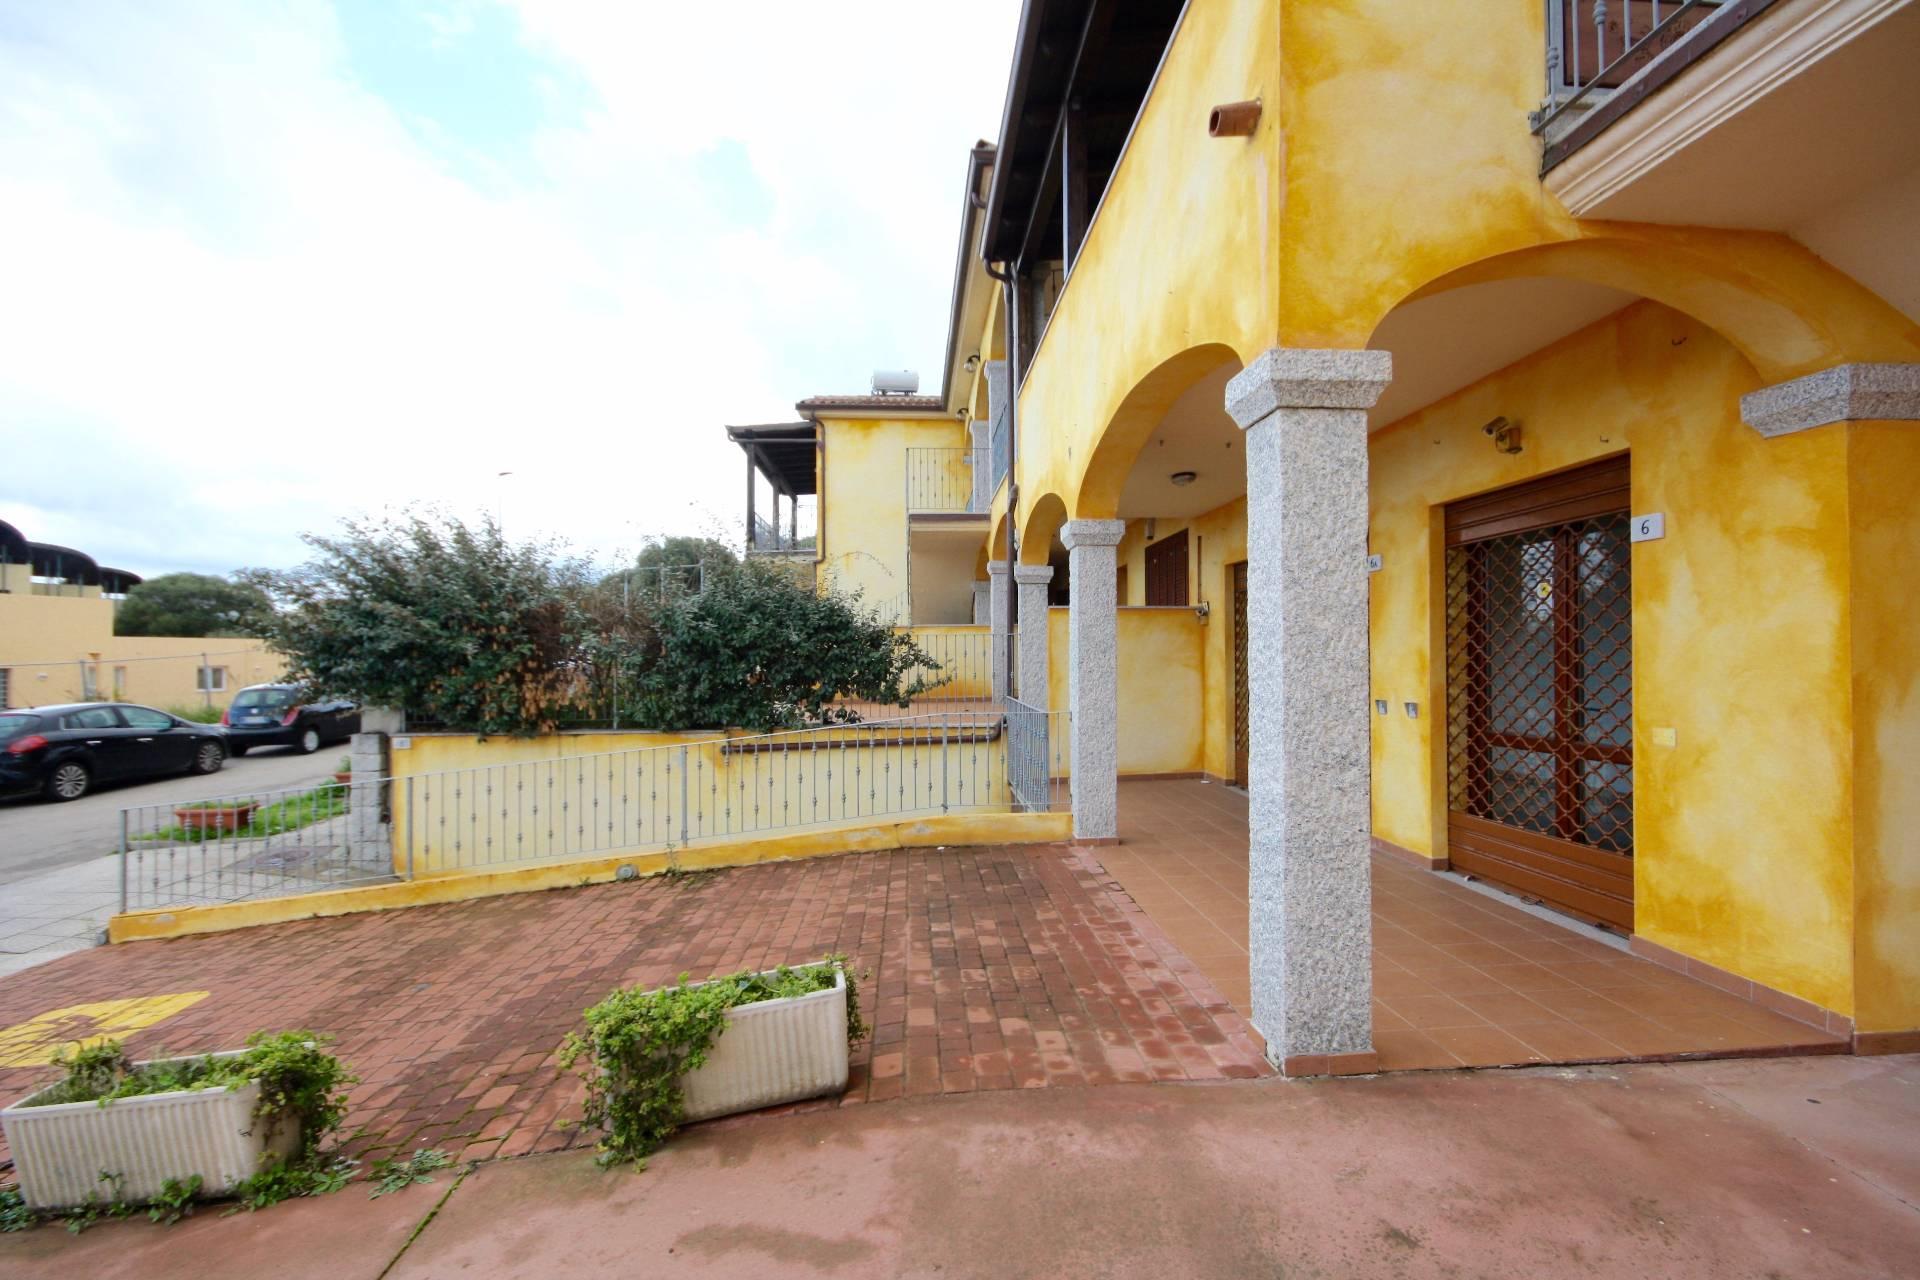 Negozio / Locale in affitto a Olbia - Porto Rotondo, 9999 locali, zona Località: Olbiacittà, prezzo € 1.200 | CambioCasa.it